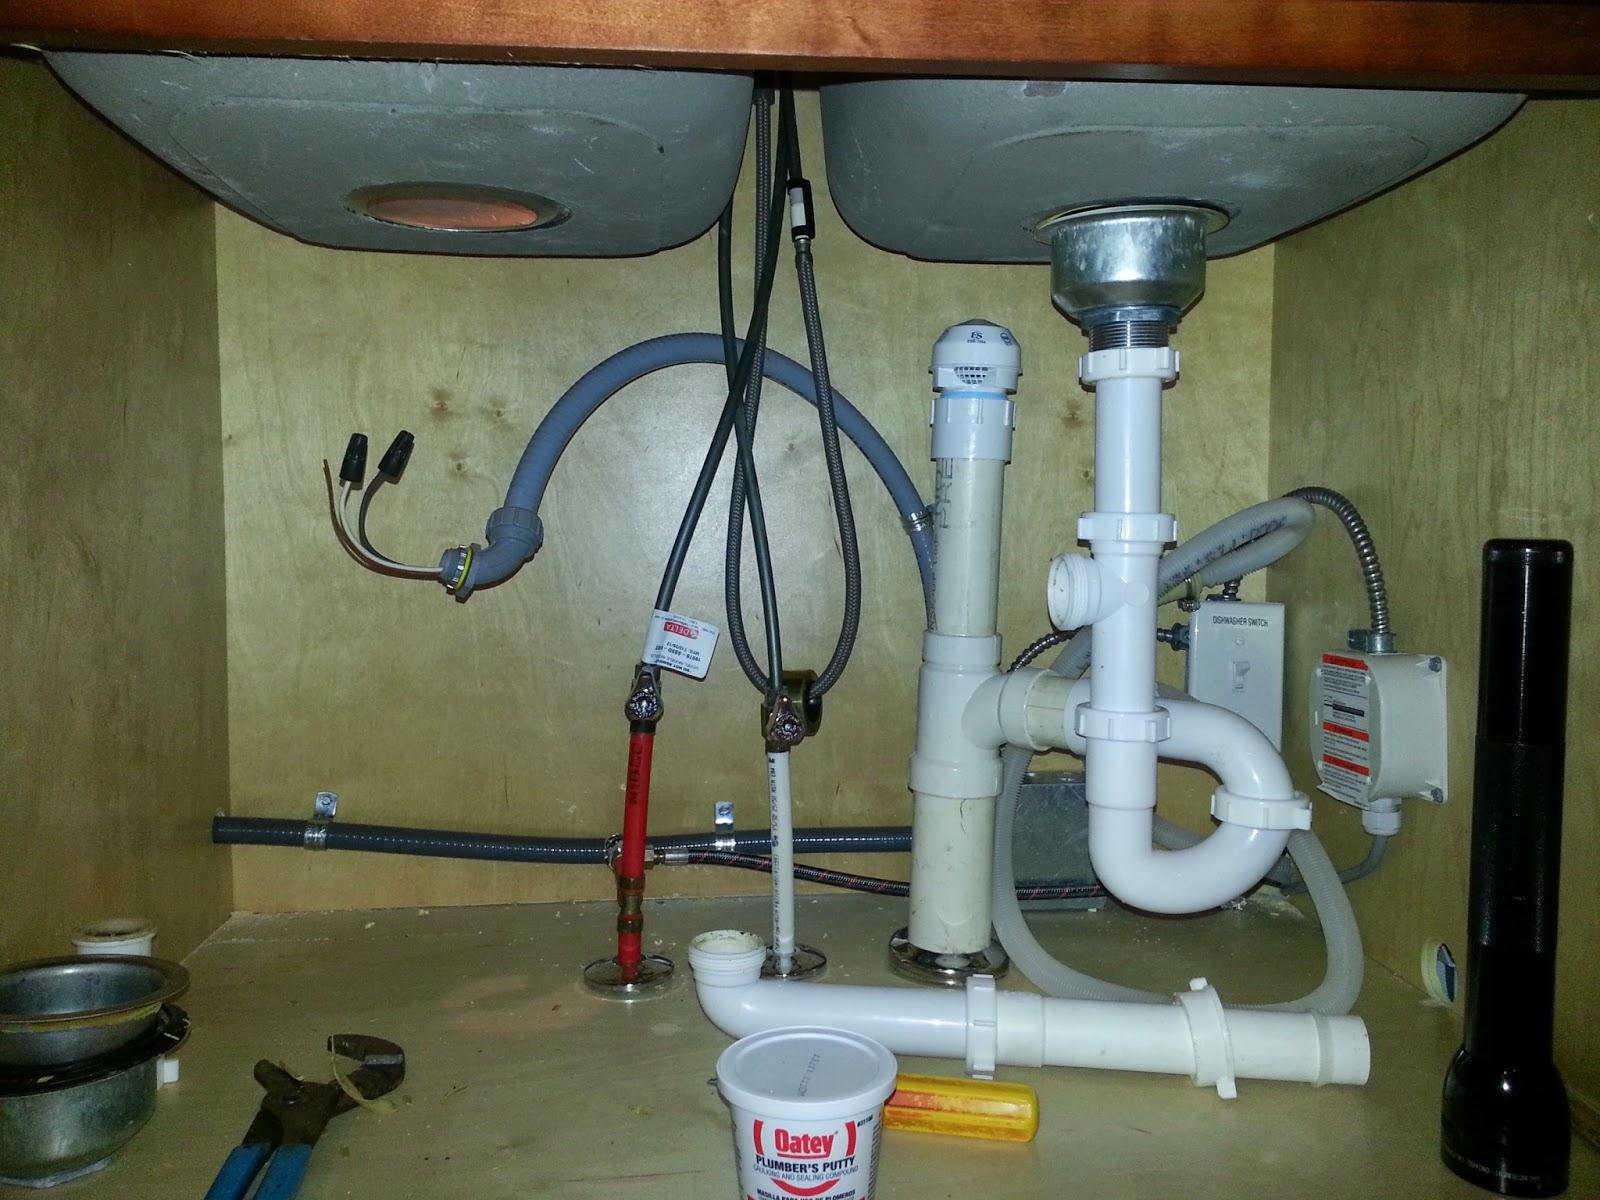 Wiring Diagram Additionally Garbage Disposal Switch Wiring On Garbage